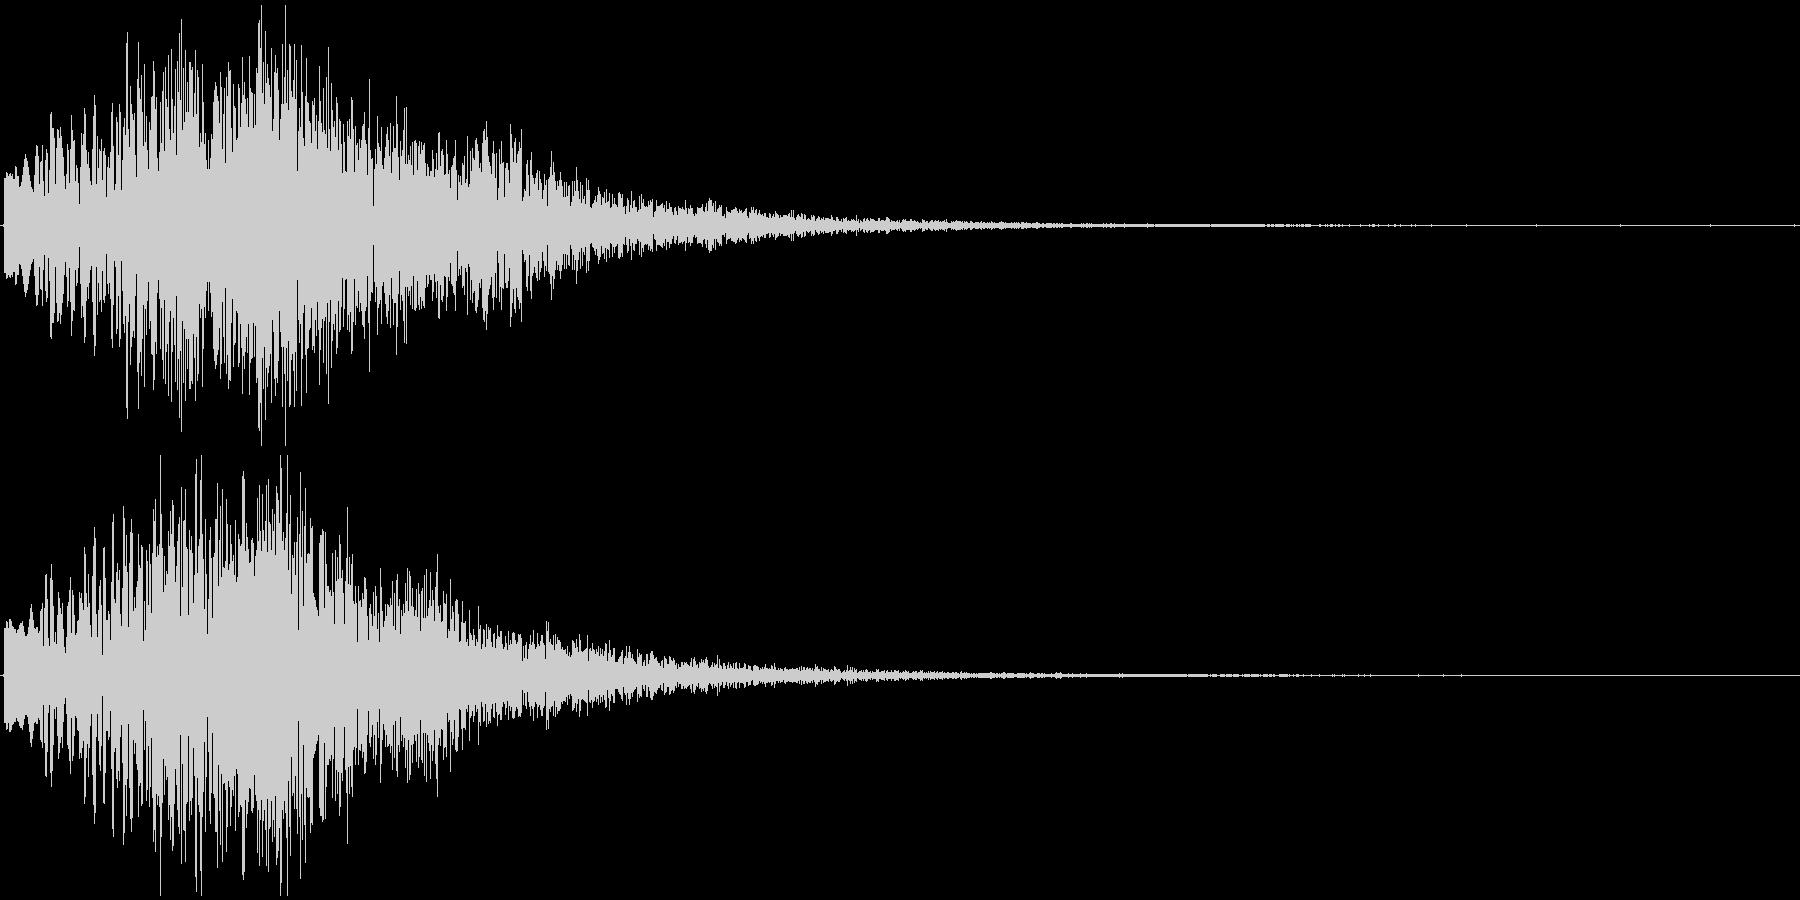 ボワーン ピョワーン ワープするような音の未再生の波形